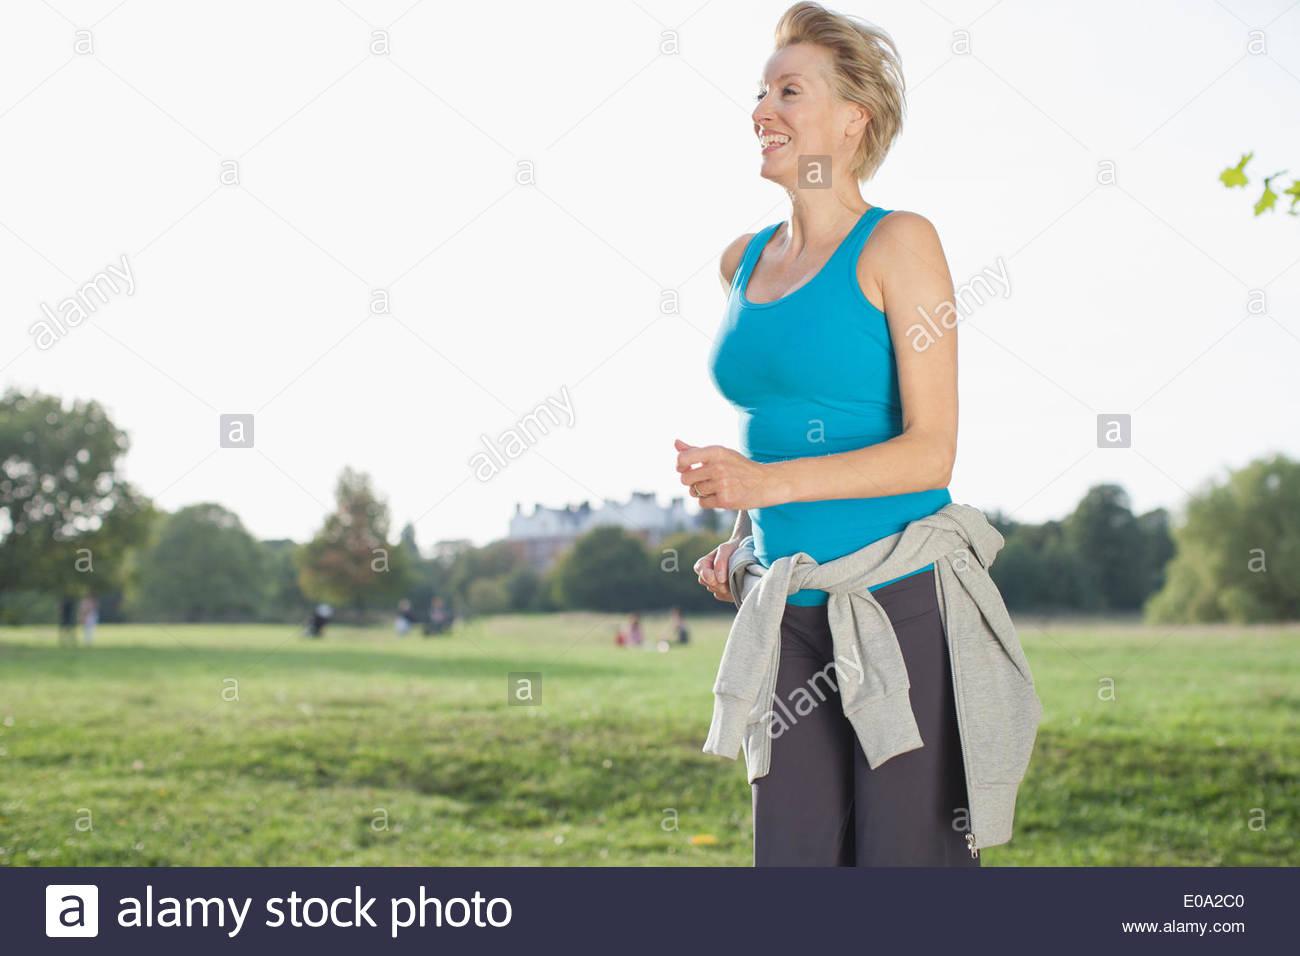 Lächelnde Frau im Park Joggen Stockbild